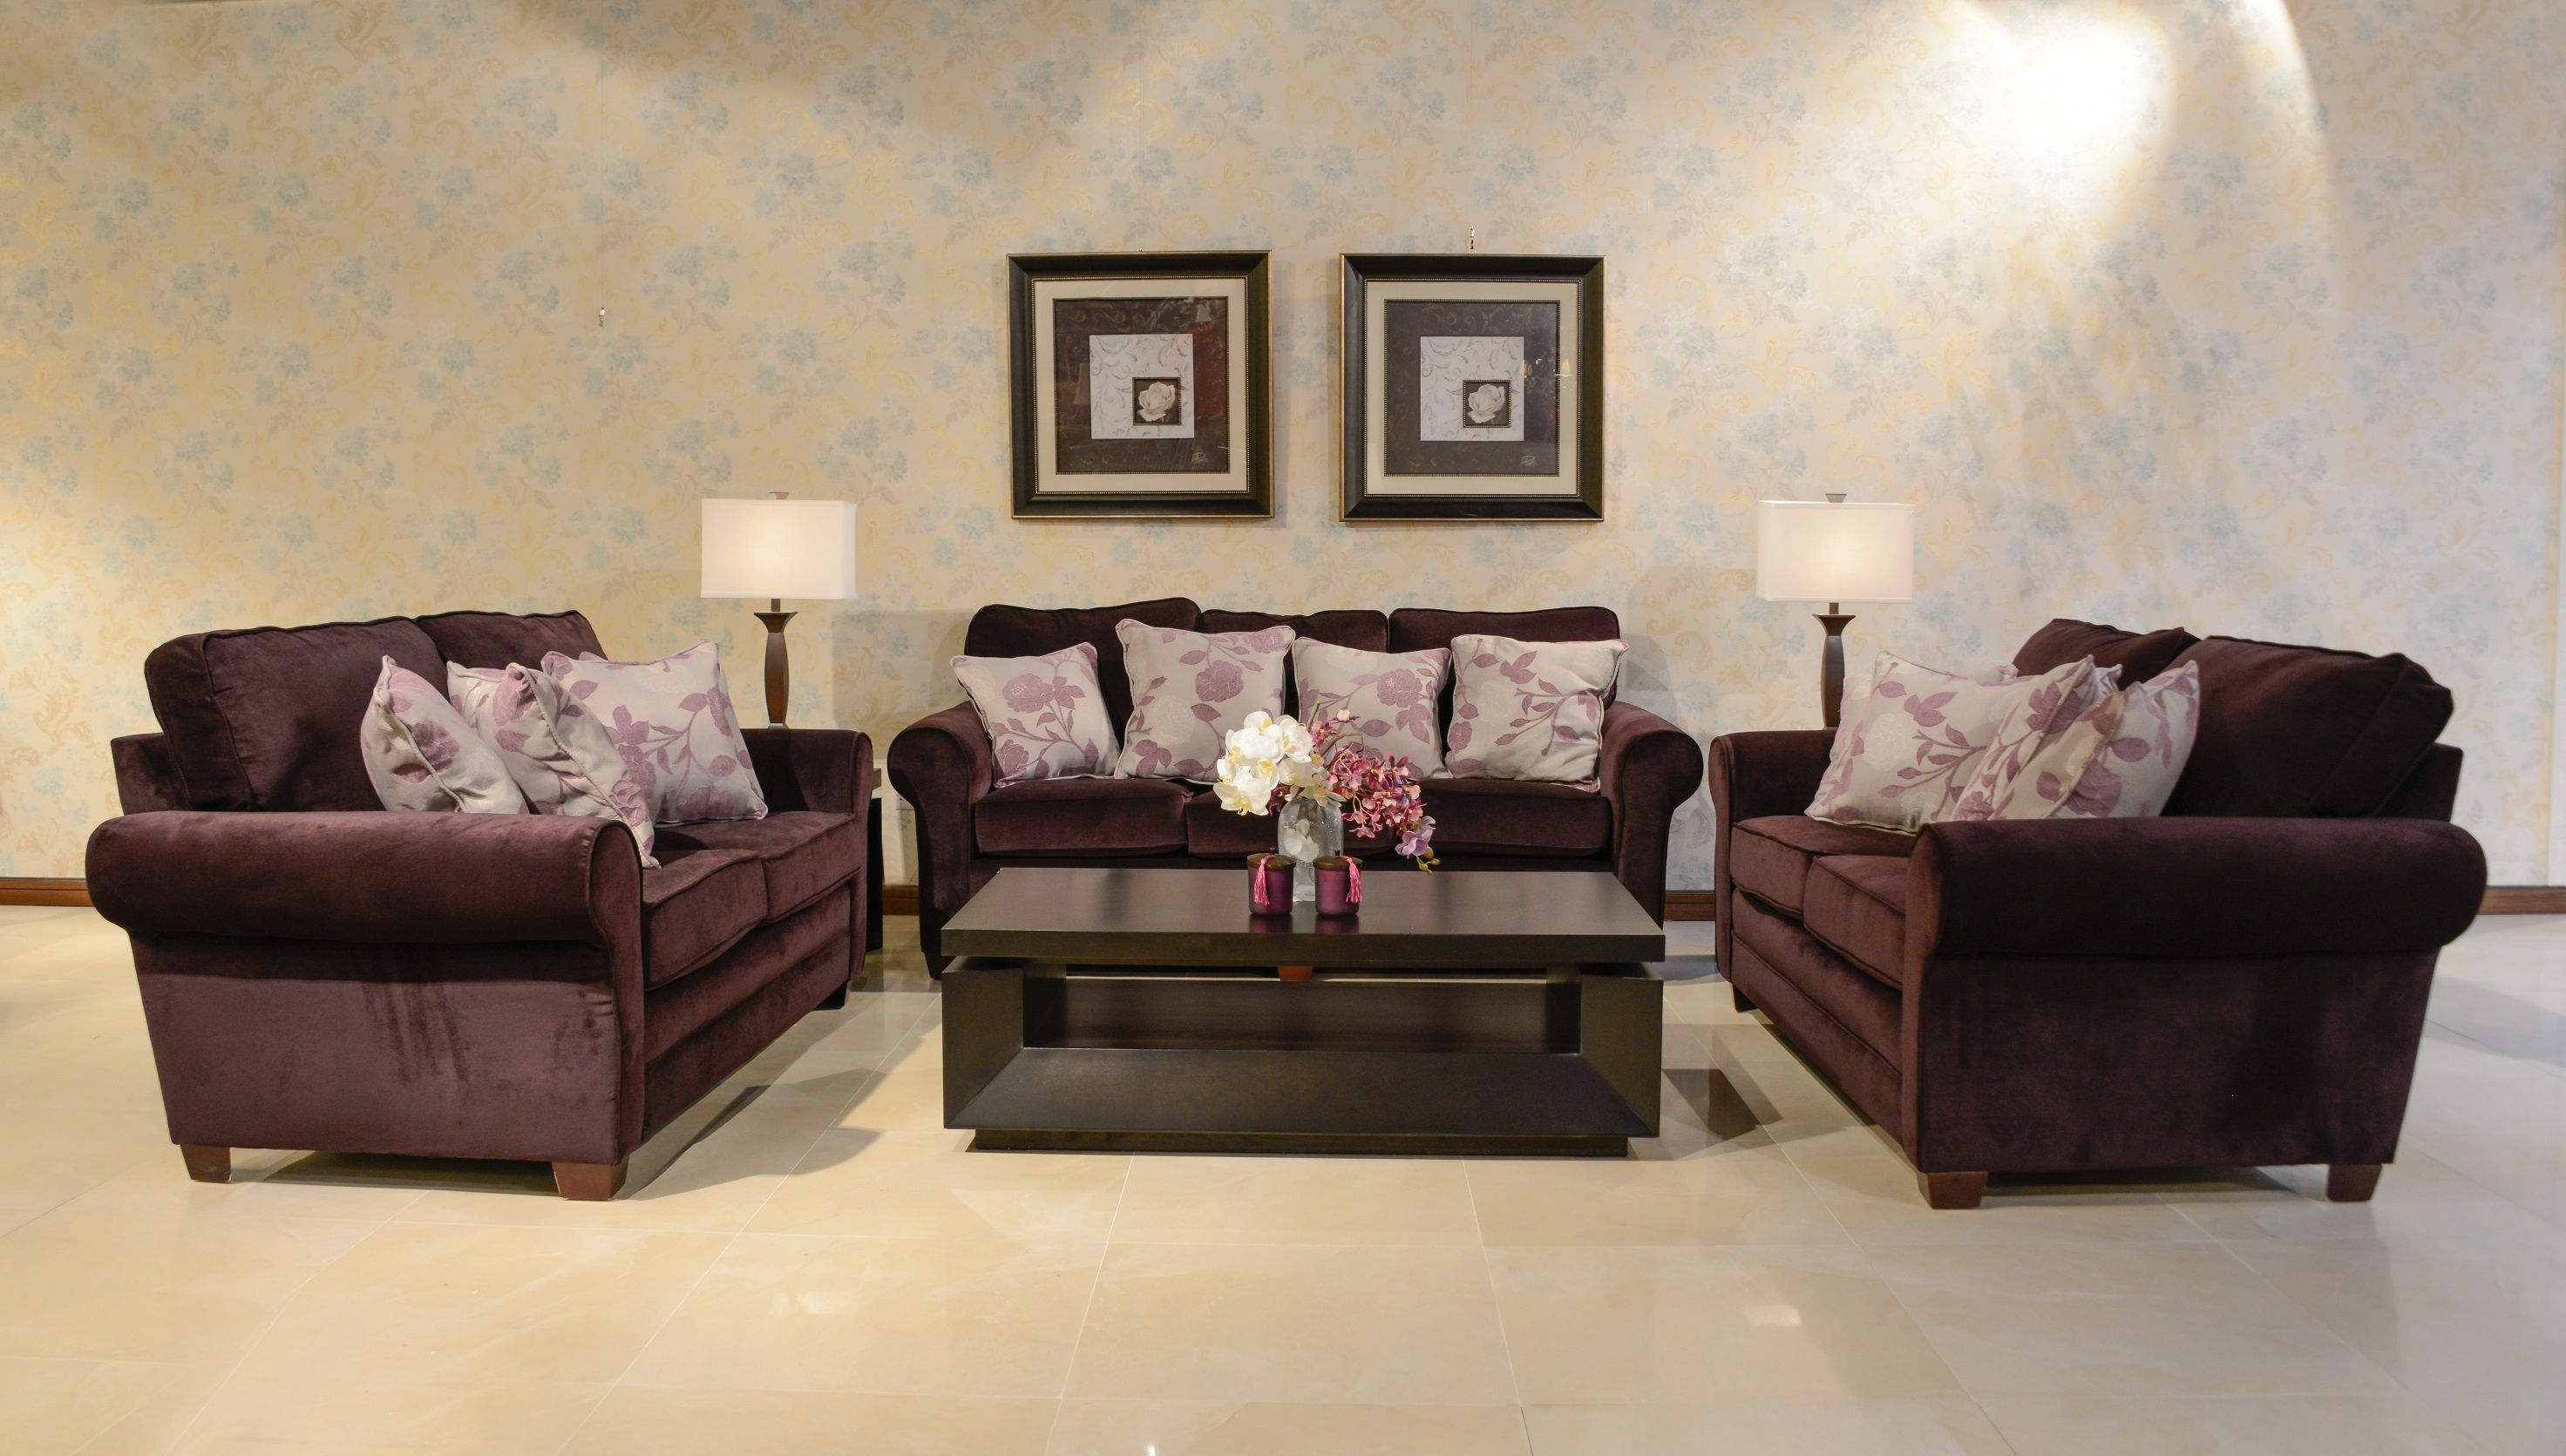 هذا الكنب من ميداس مصنوع من قماش الشمواه المطور ليكون سهل التنظيف بعكس الشيء المعروف عن الشمواة Midas Midasfurniture Sofas Bro Furniture Home Decor Home